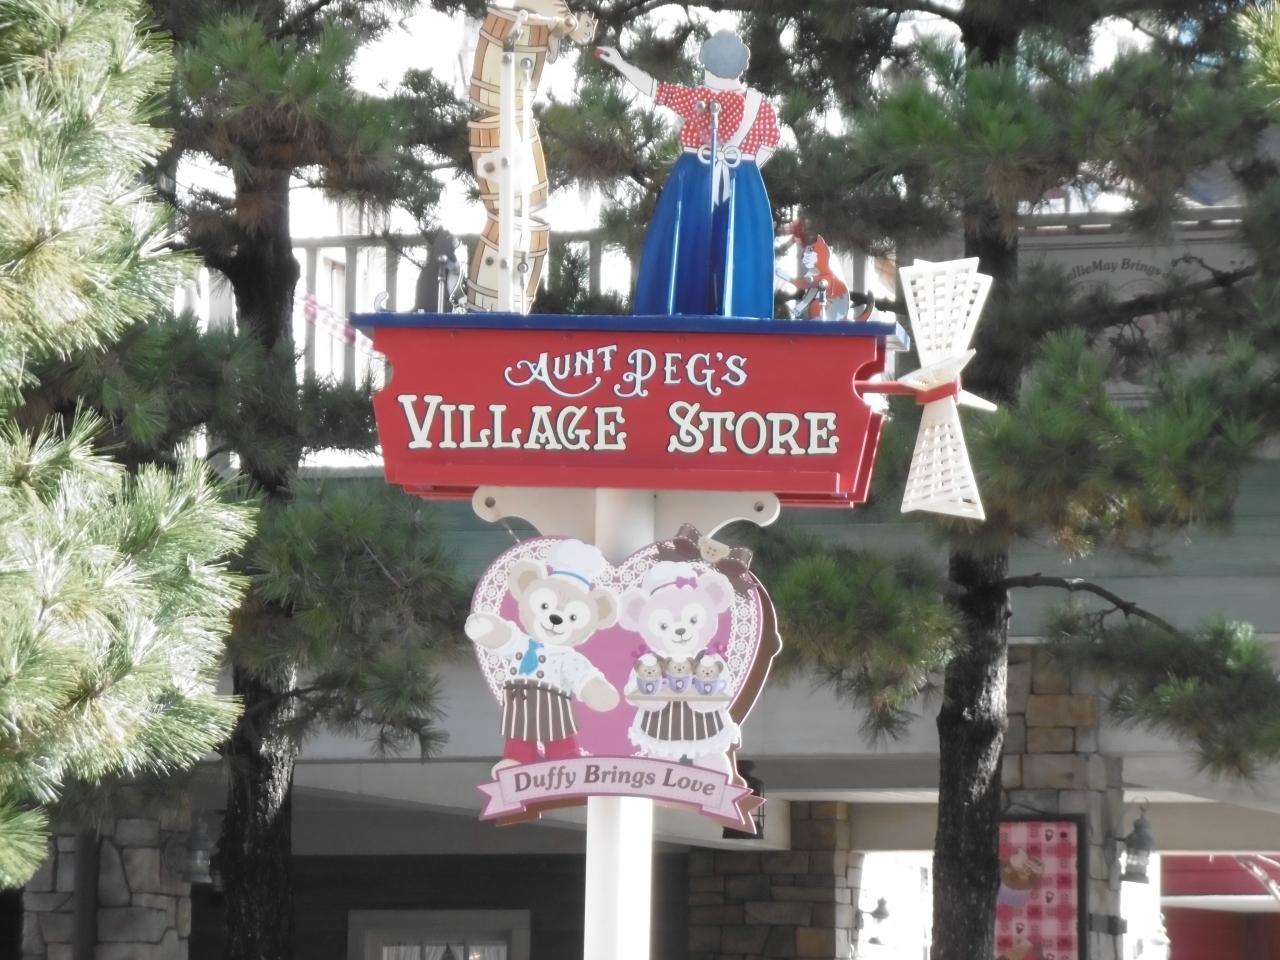 東京ディズニーシー&箱根の旅』東京ディズニーリゾート(千葉県)の旅行記